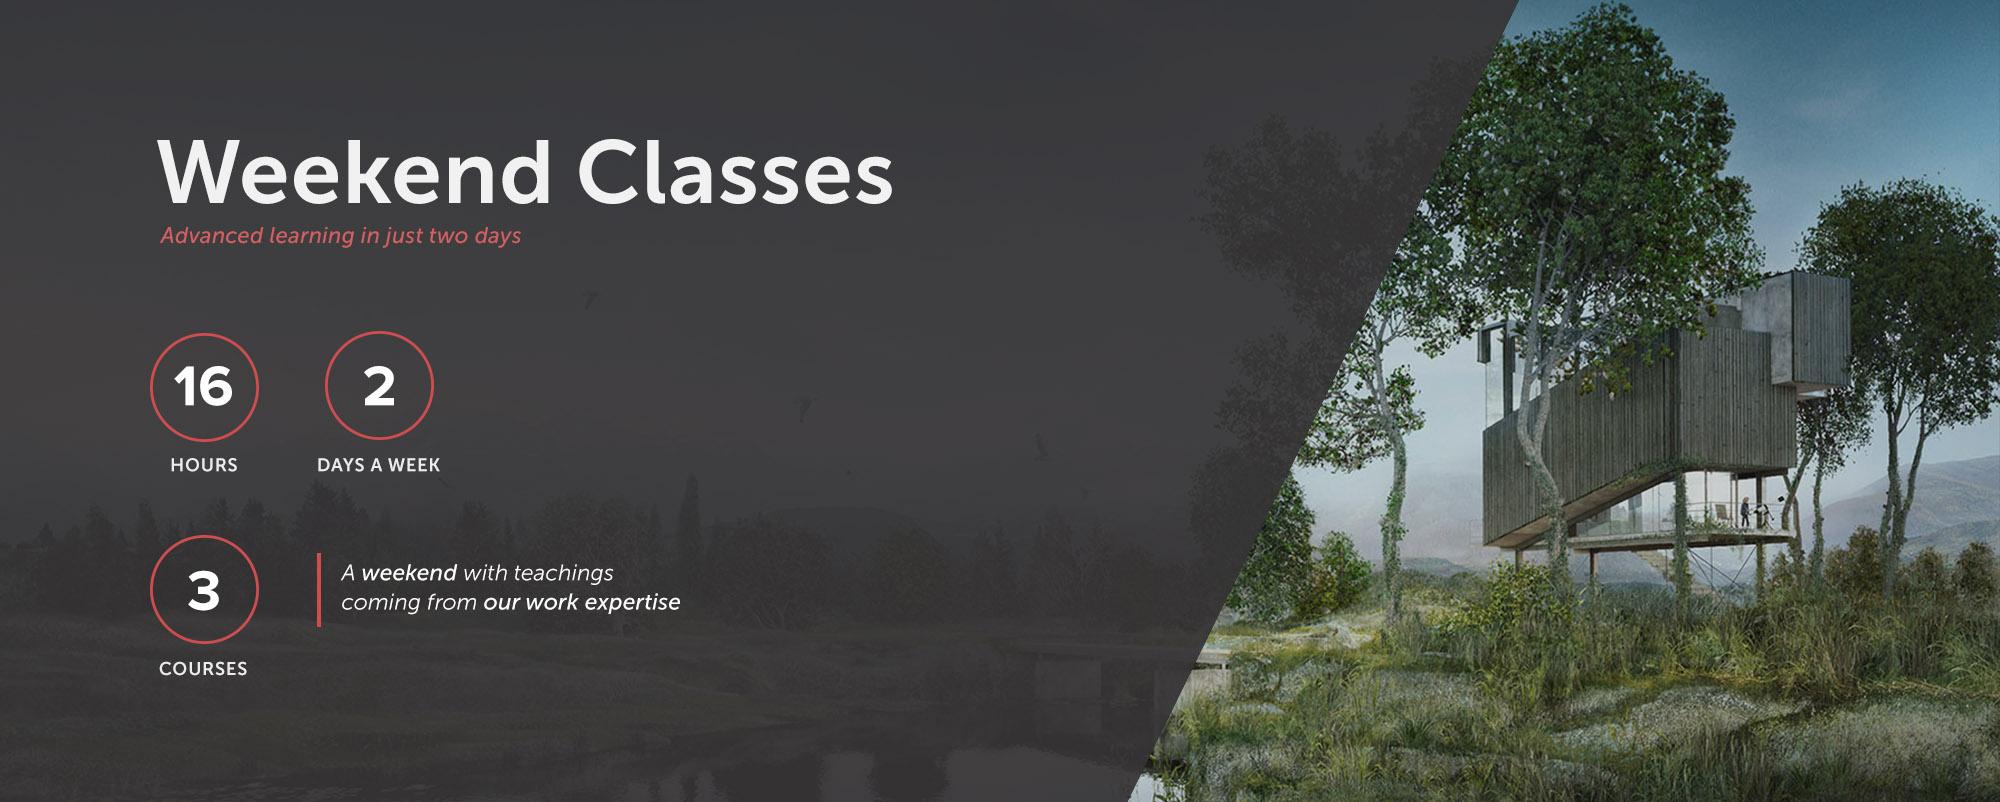 Weekend Classes.jpg